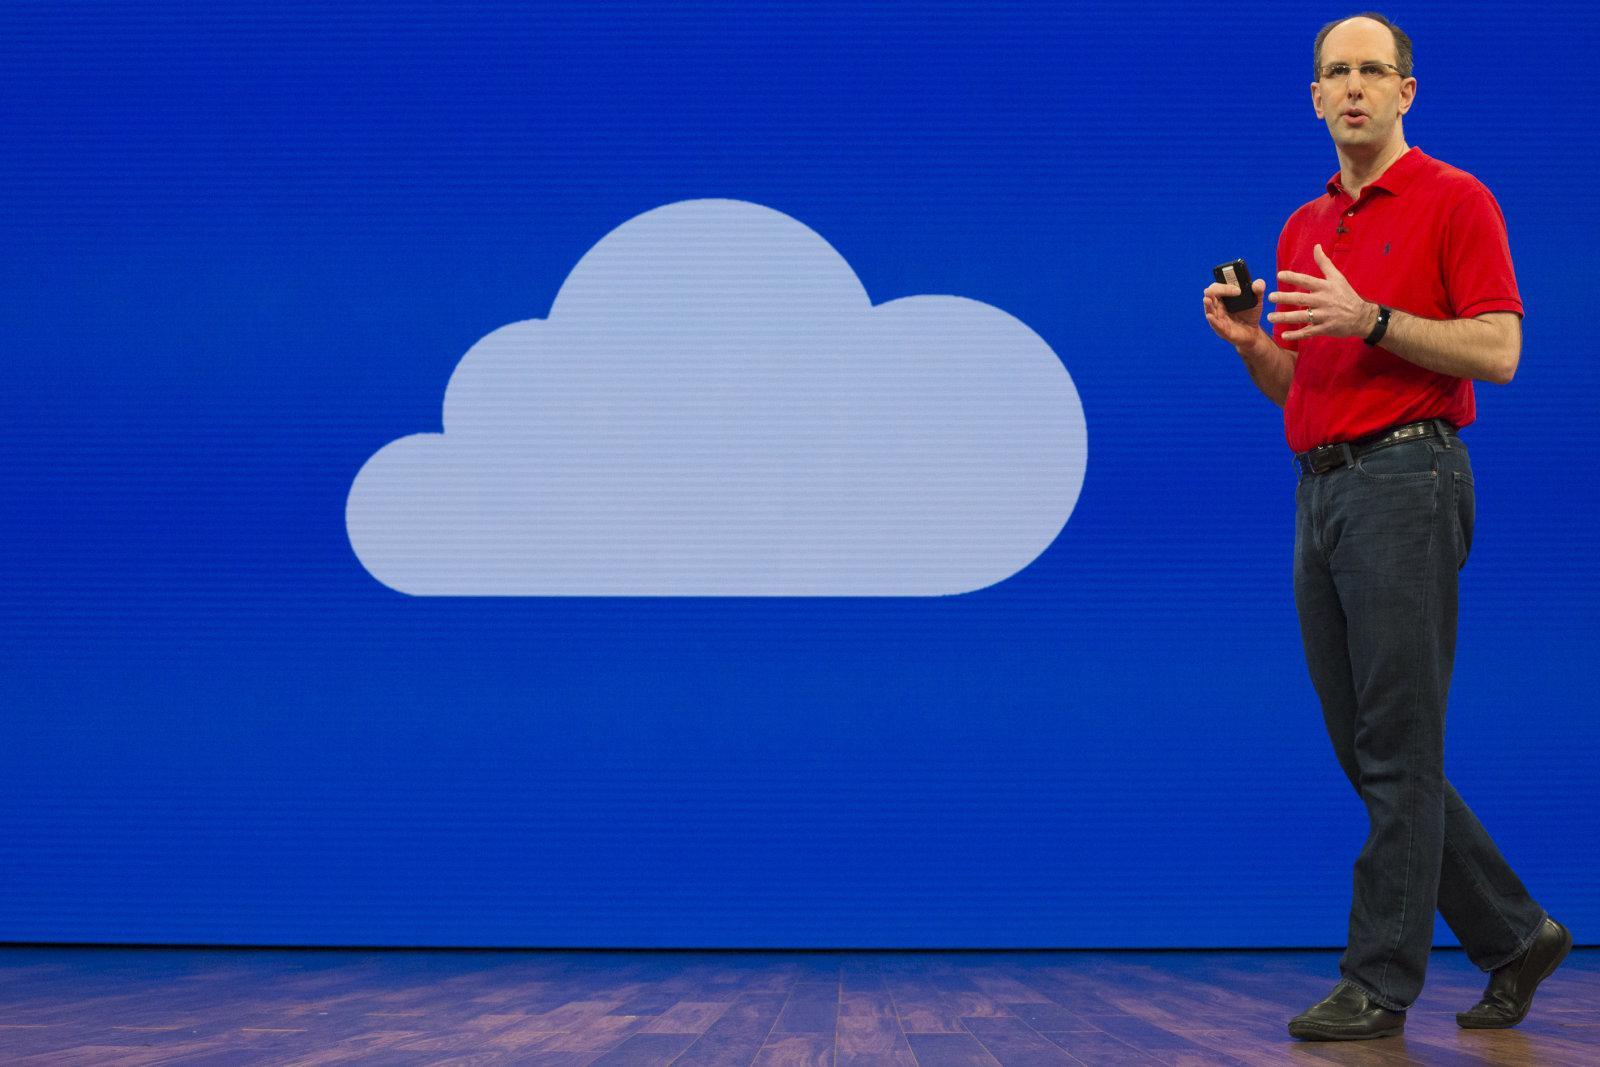 微软开发者大会今晚开幕,你期待什么新产品?